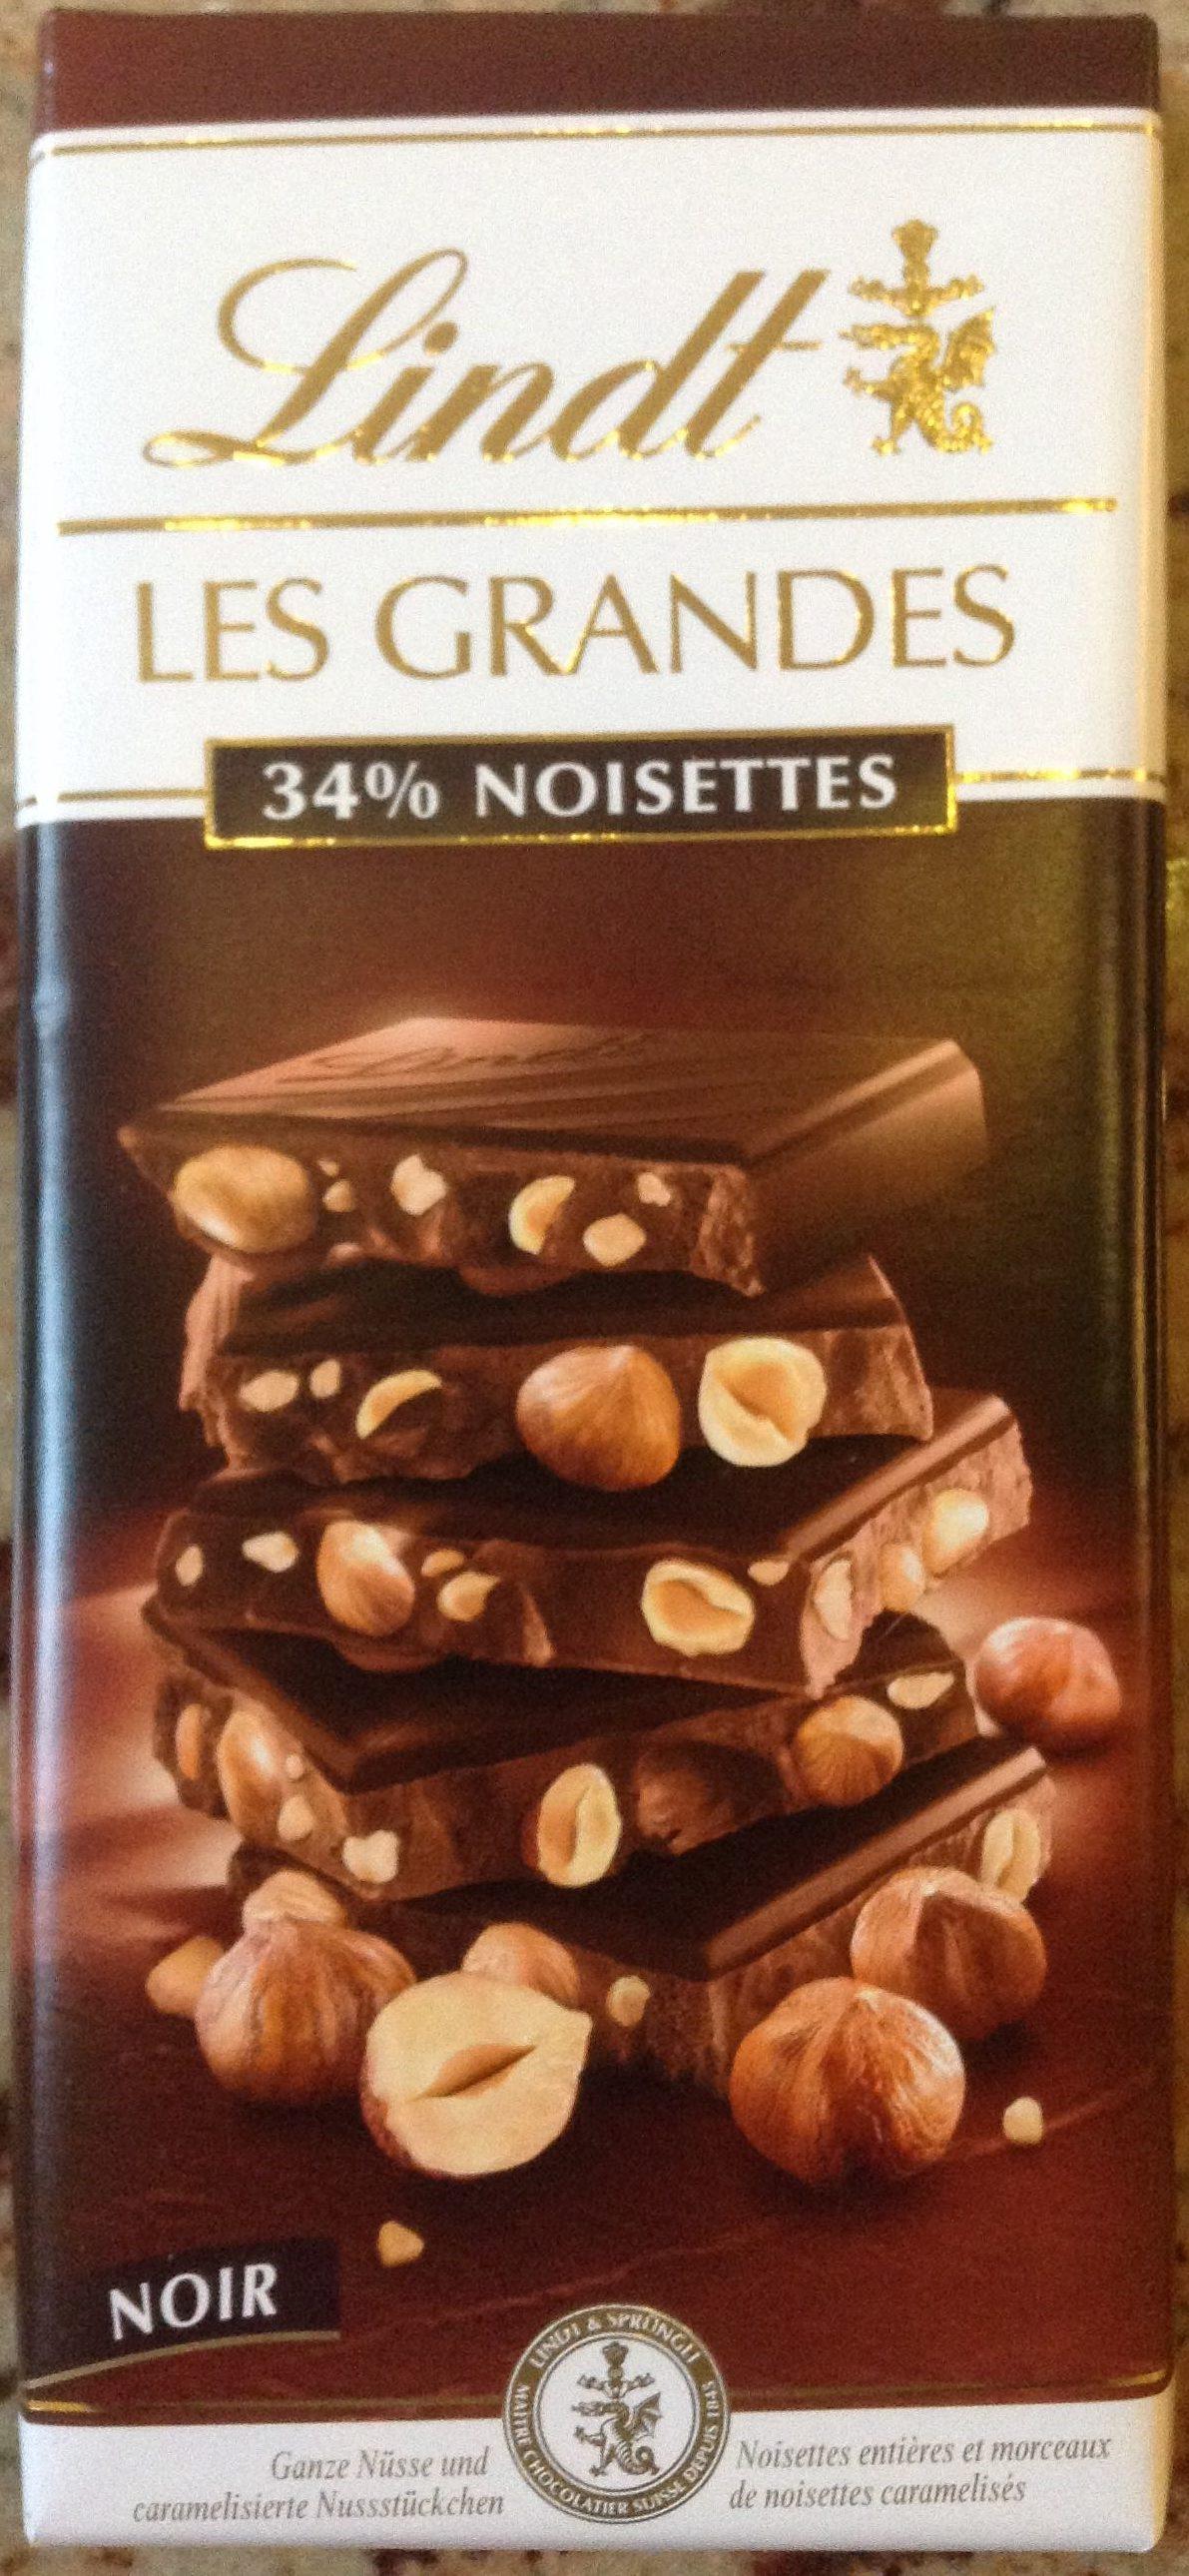 Les grandes noir 34% noisettes - Produit - fr